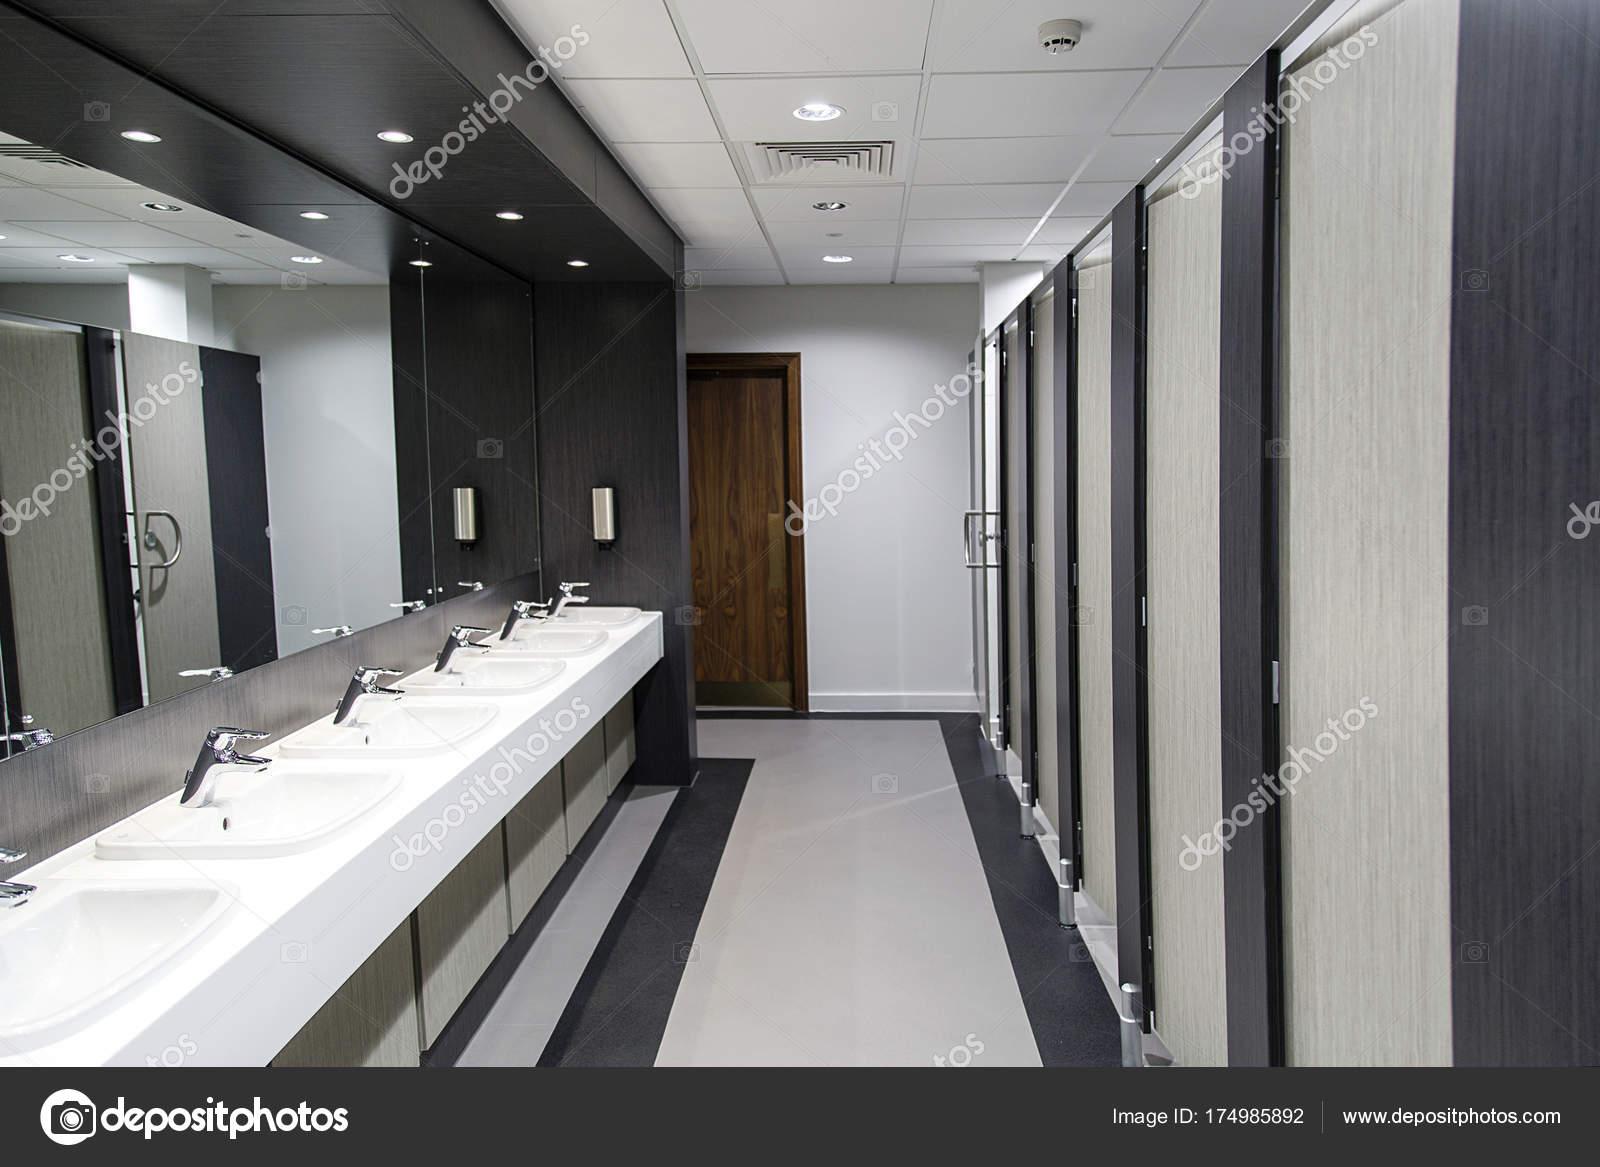 Meuble Salle De Bain Ebeniste ~ Public Salle Bains Toilettes Publiques Photographie Jax10289